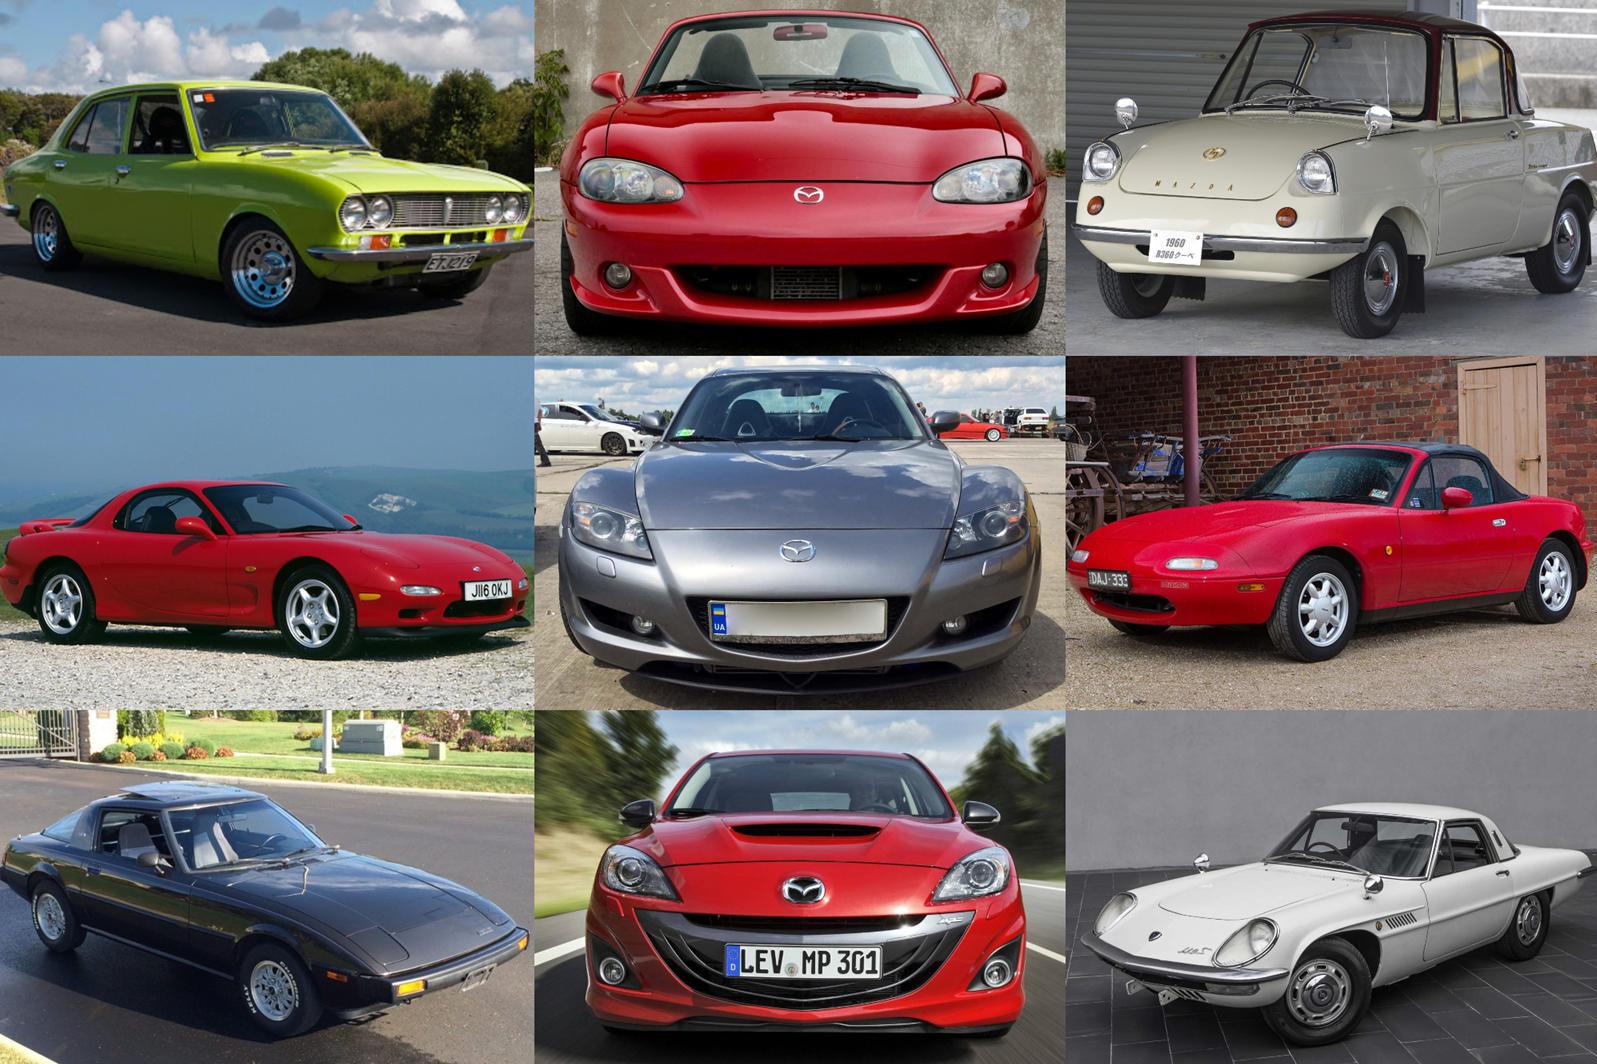 10 xe khẳng định tên tuổi Mazda: CX-5 gây bất ngờ khi 'lạc tông' nhất